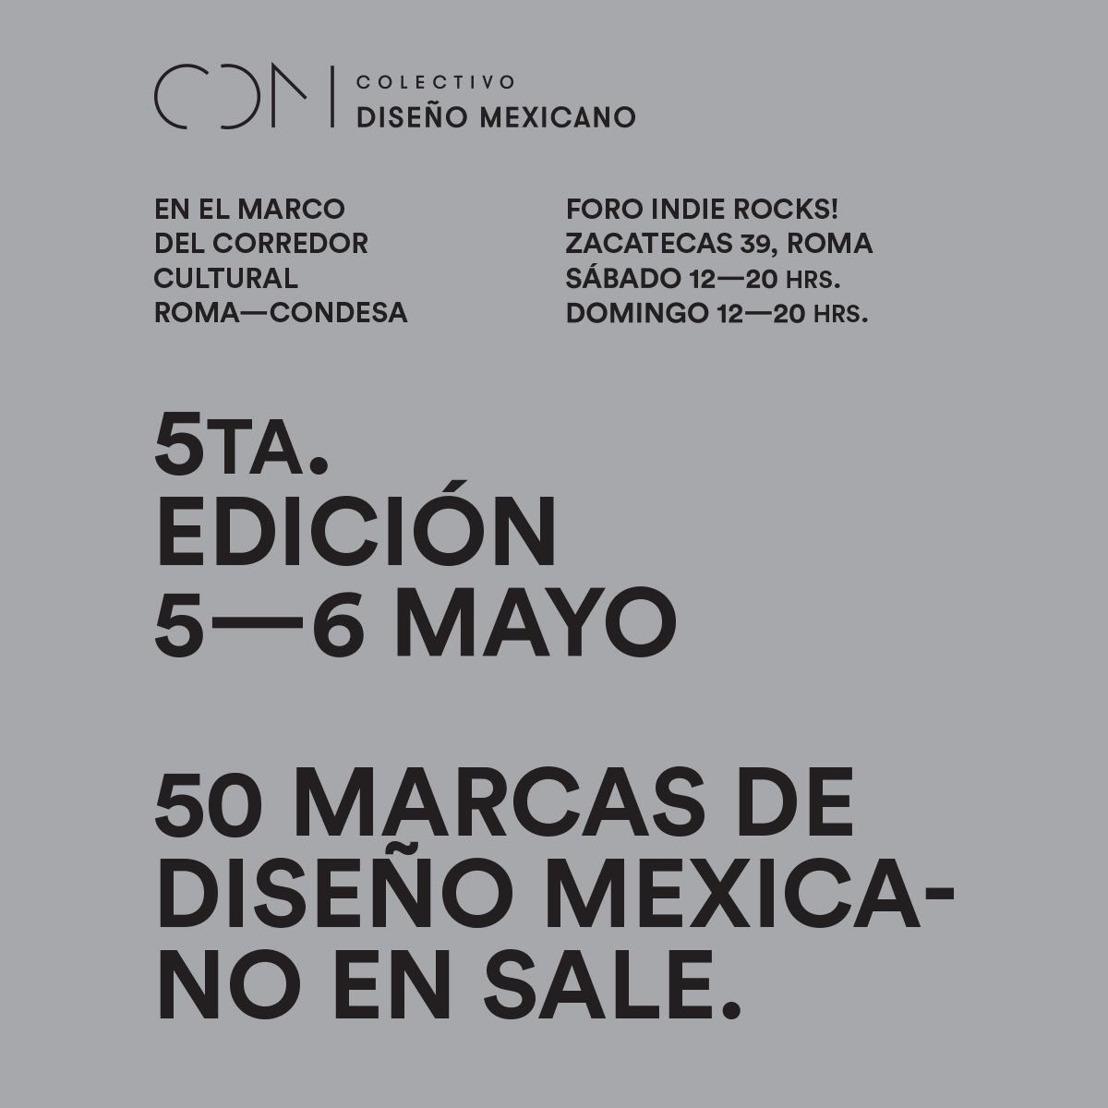 COLECTIVO DISEÑO MEXICANO, LA PLATAFORMA ORIENTADA AL IMPULSO DEL TALENTO NACIONAL, CELEBRA LA 5ta EDICIÓN DE SU EXITOSA POP-UP STORE